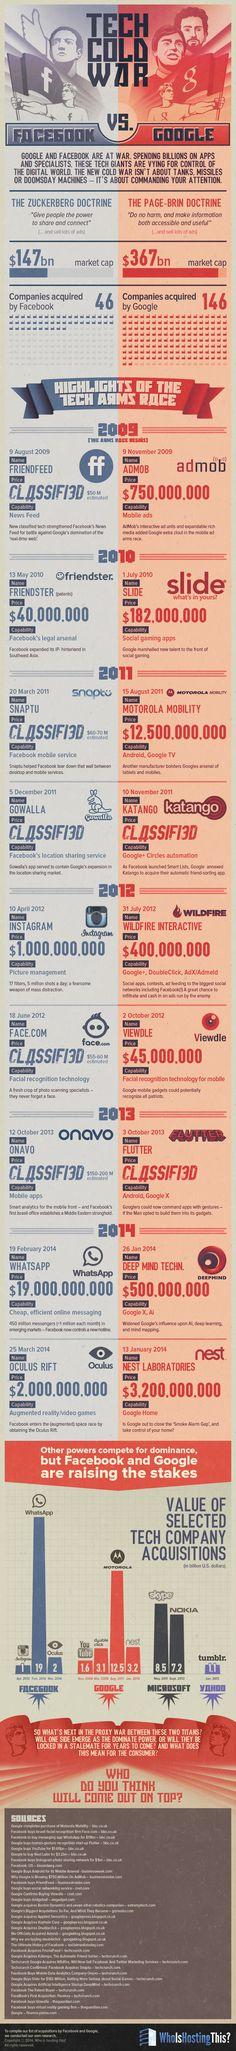 Confira o infográfico abaixo, do WhoIsHostingThis, que compara os movimentos econômicos do Facebook e do Google a cada ano: